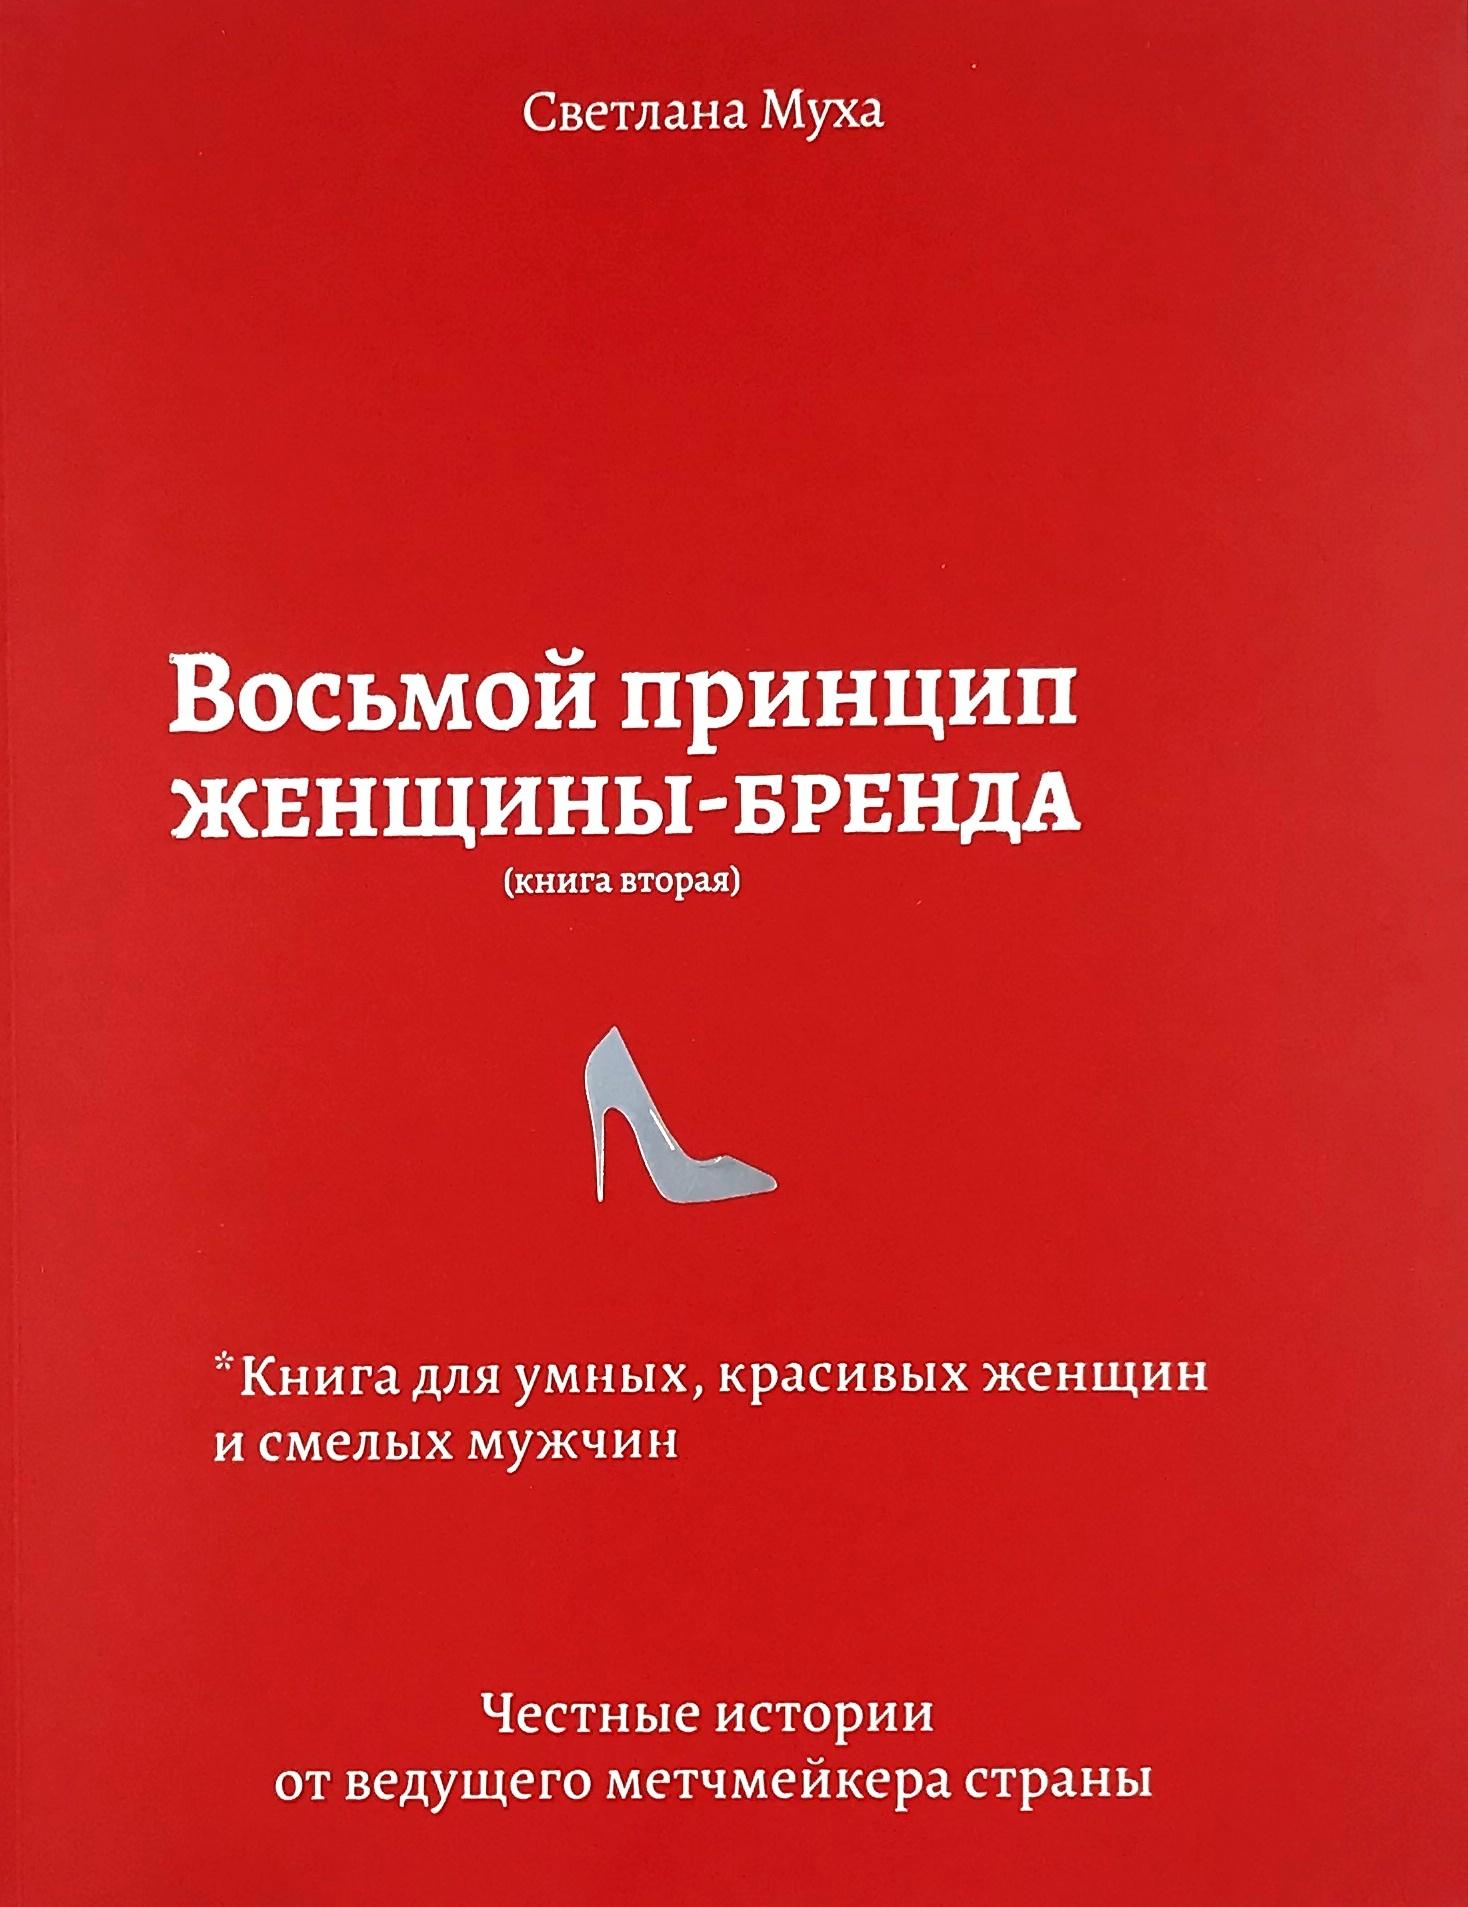 Восьмой принцип женщины-бренда